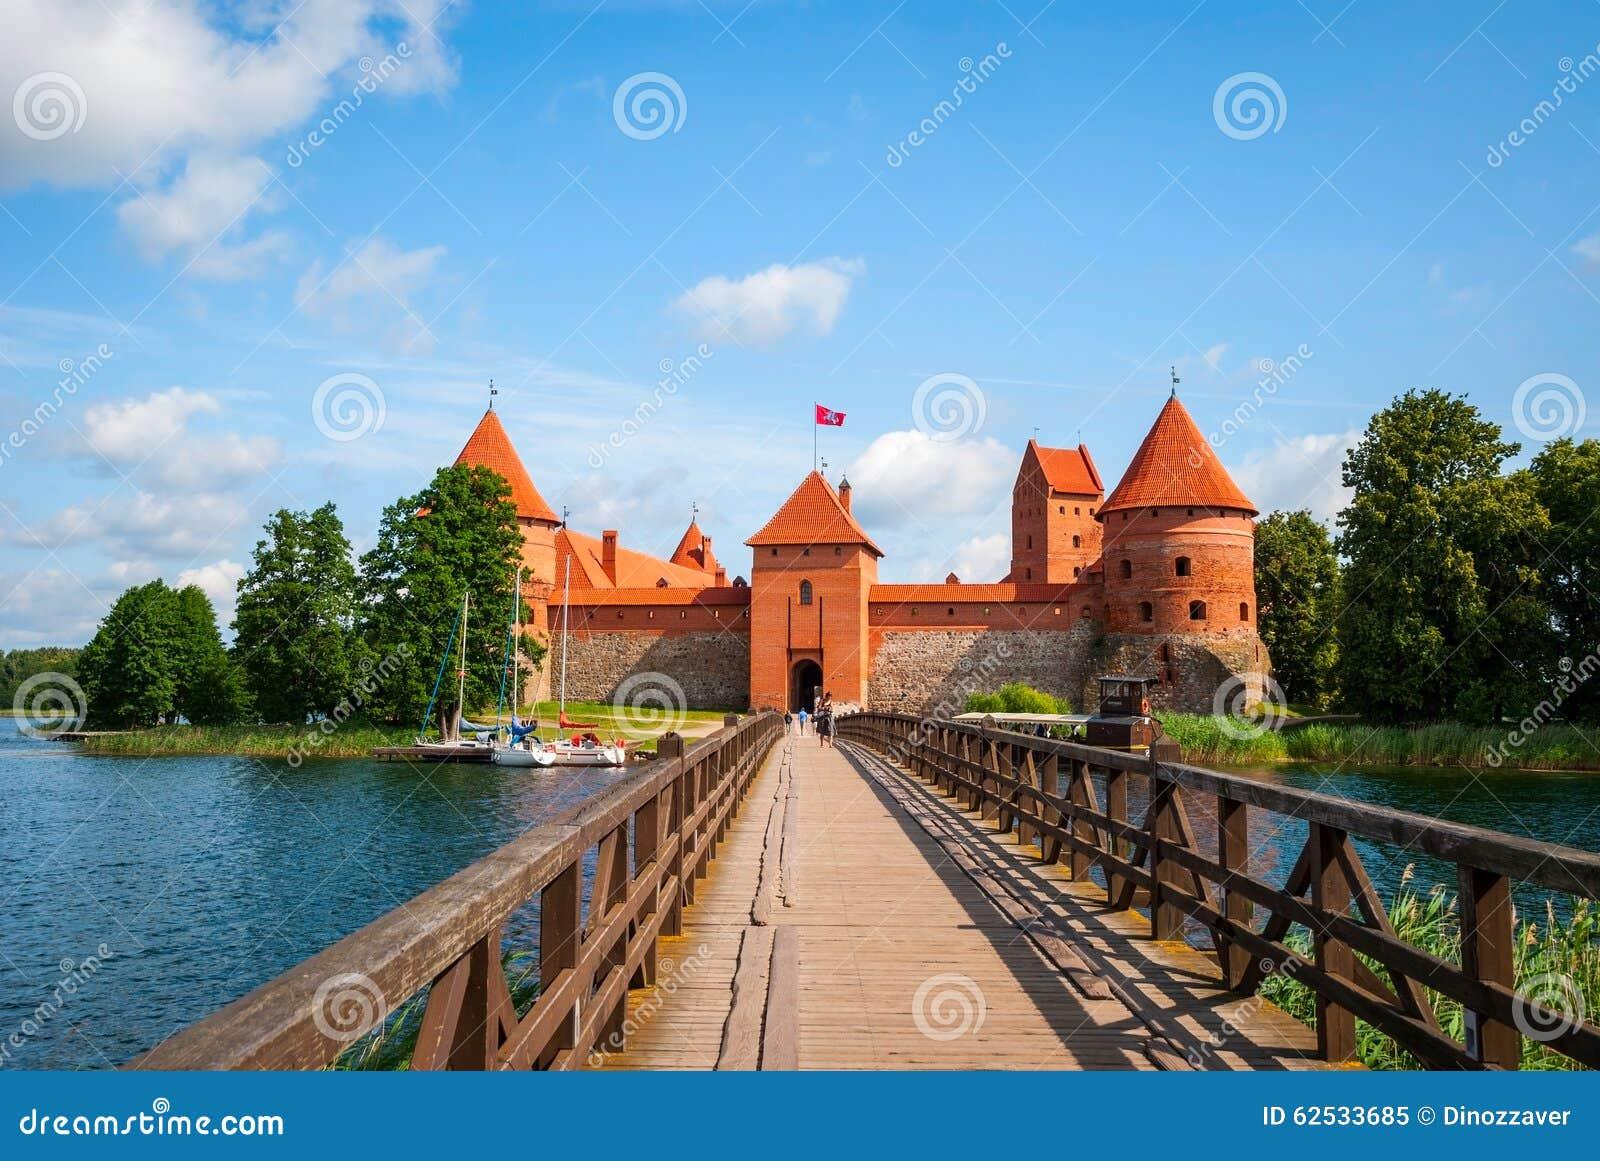 对特拉凯城堡,立陶宛的桥梁